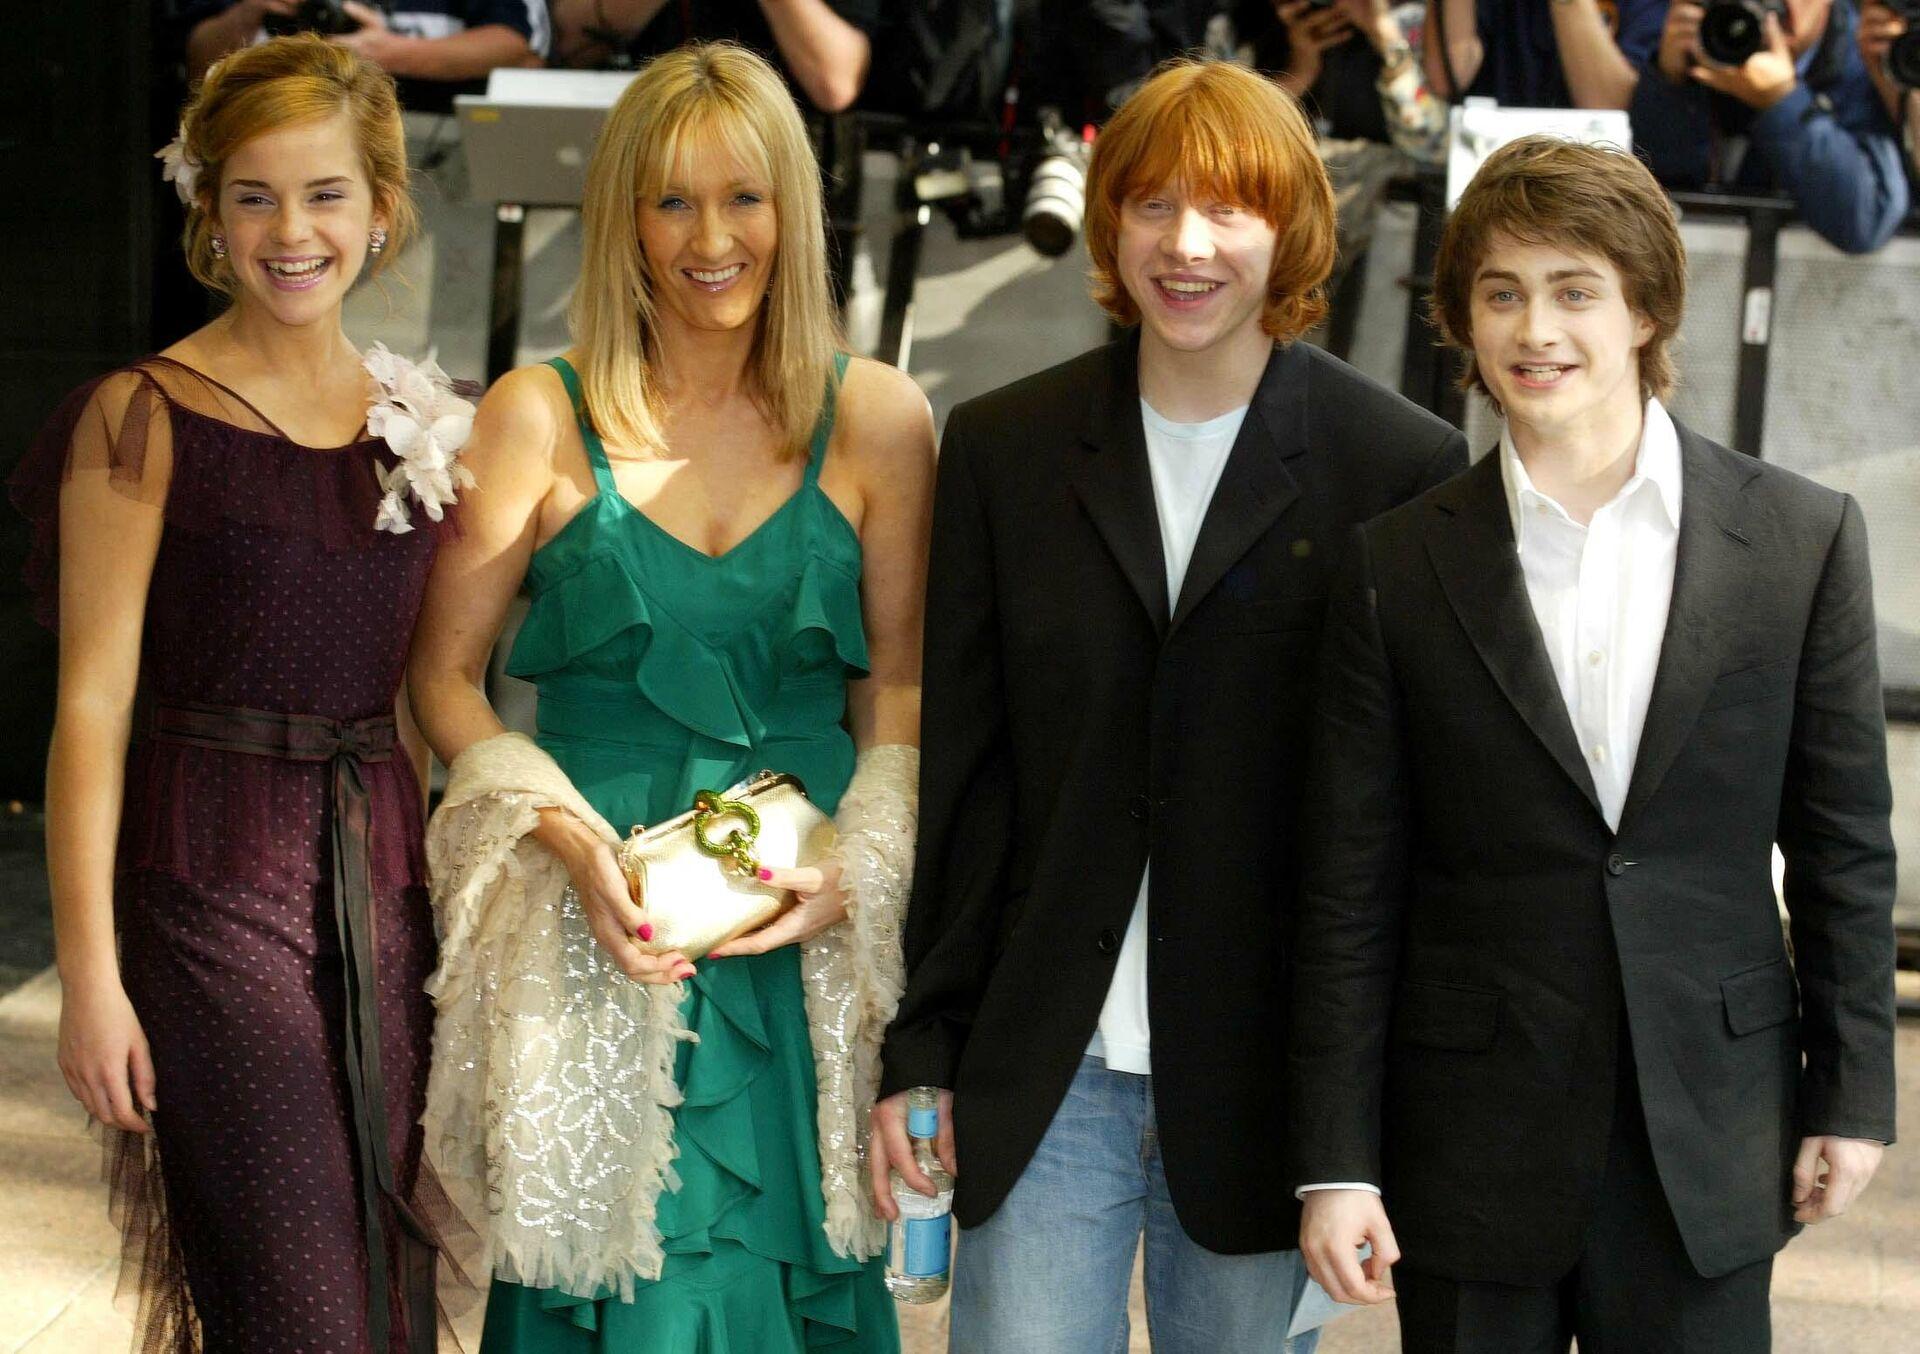 Писательница Джоан Роулинг с актерами фильма о Гарри Поттере на презентации фильма в Лондоне - РИА Новости, 1920, 20.07.2021